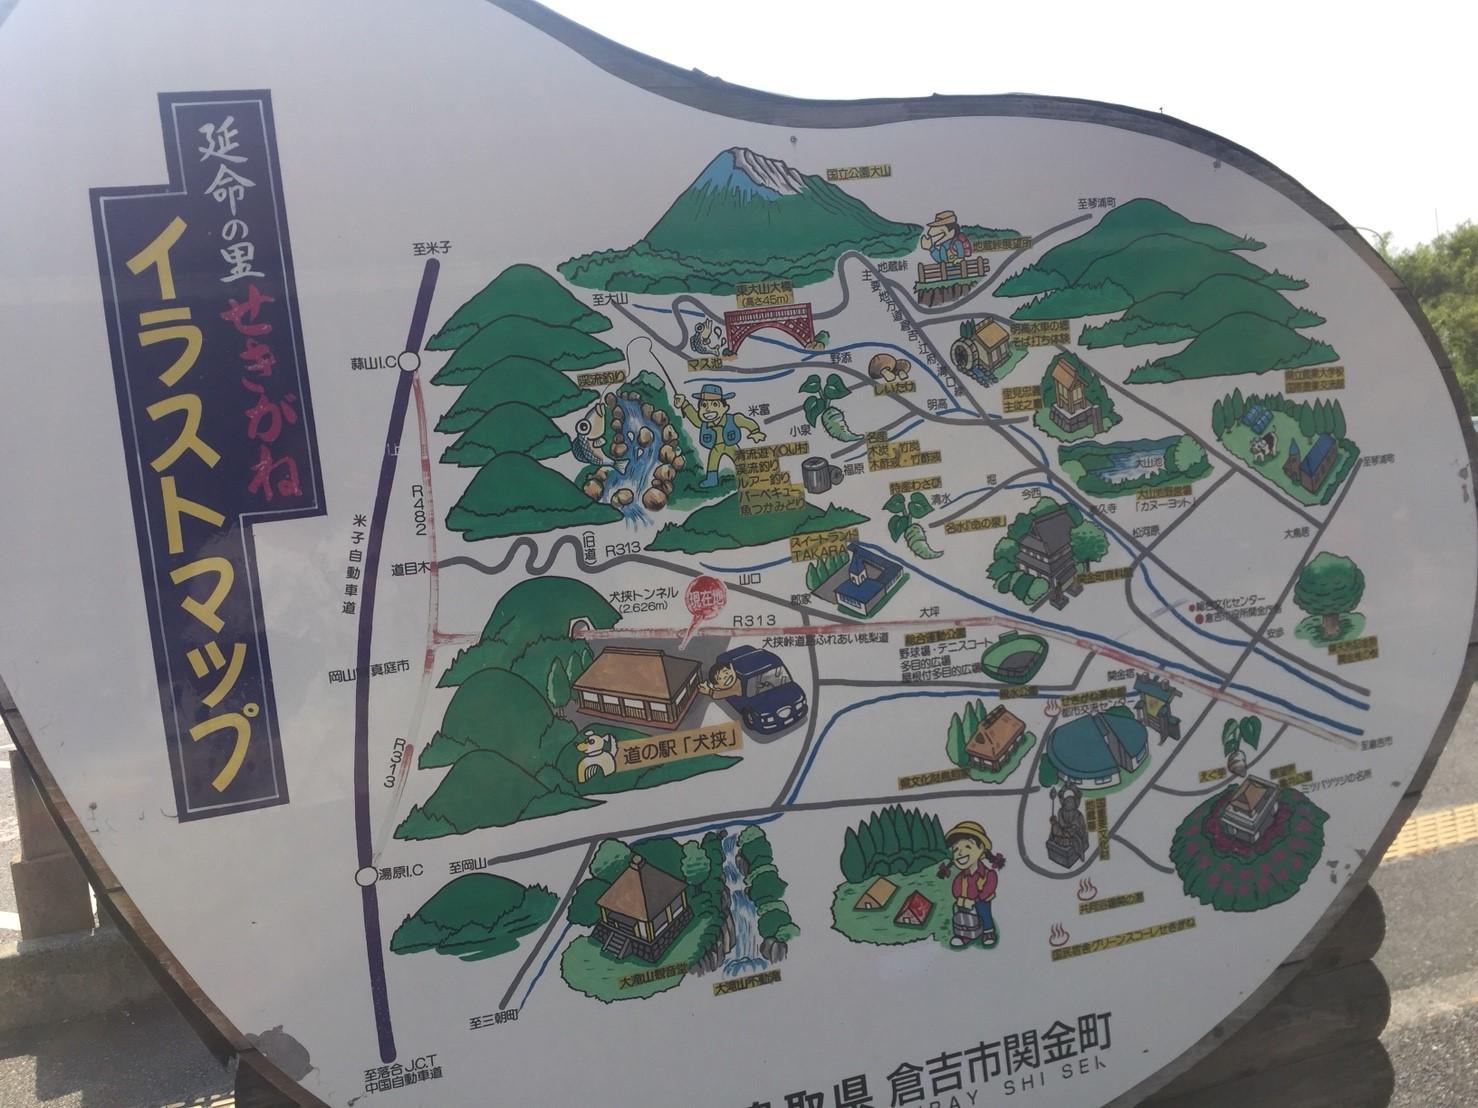 関金の道の駅 犬挟  内に併設されてる犬挟食堂_e0115904_15541791.jpg